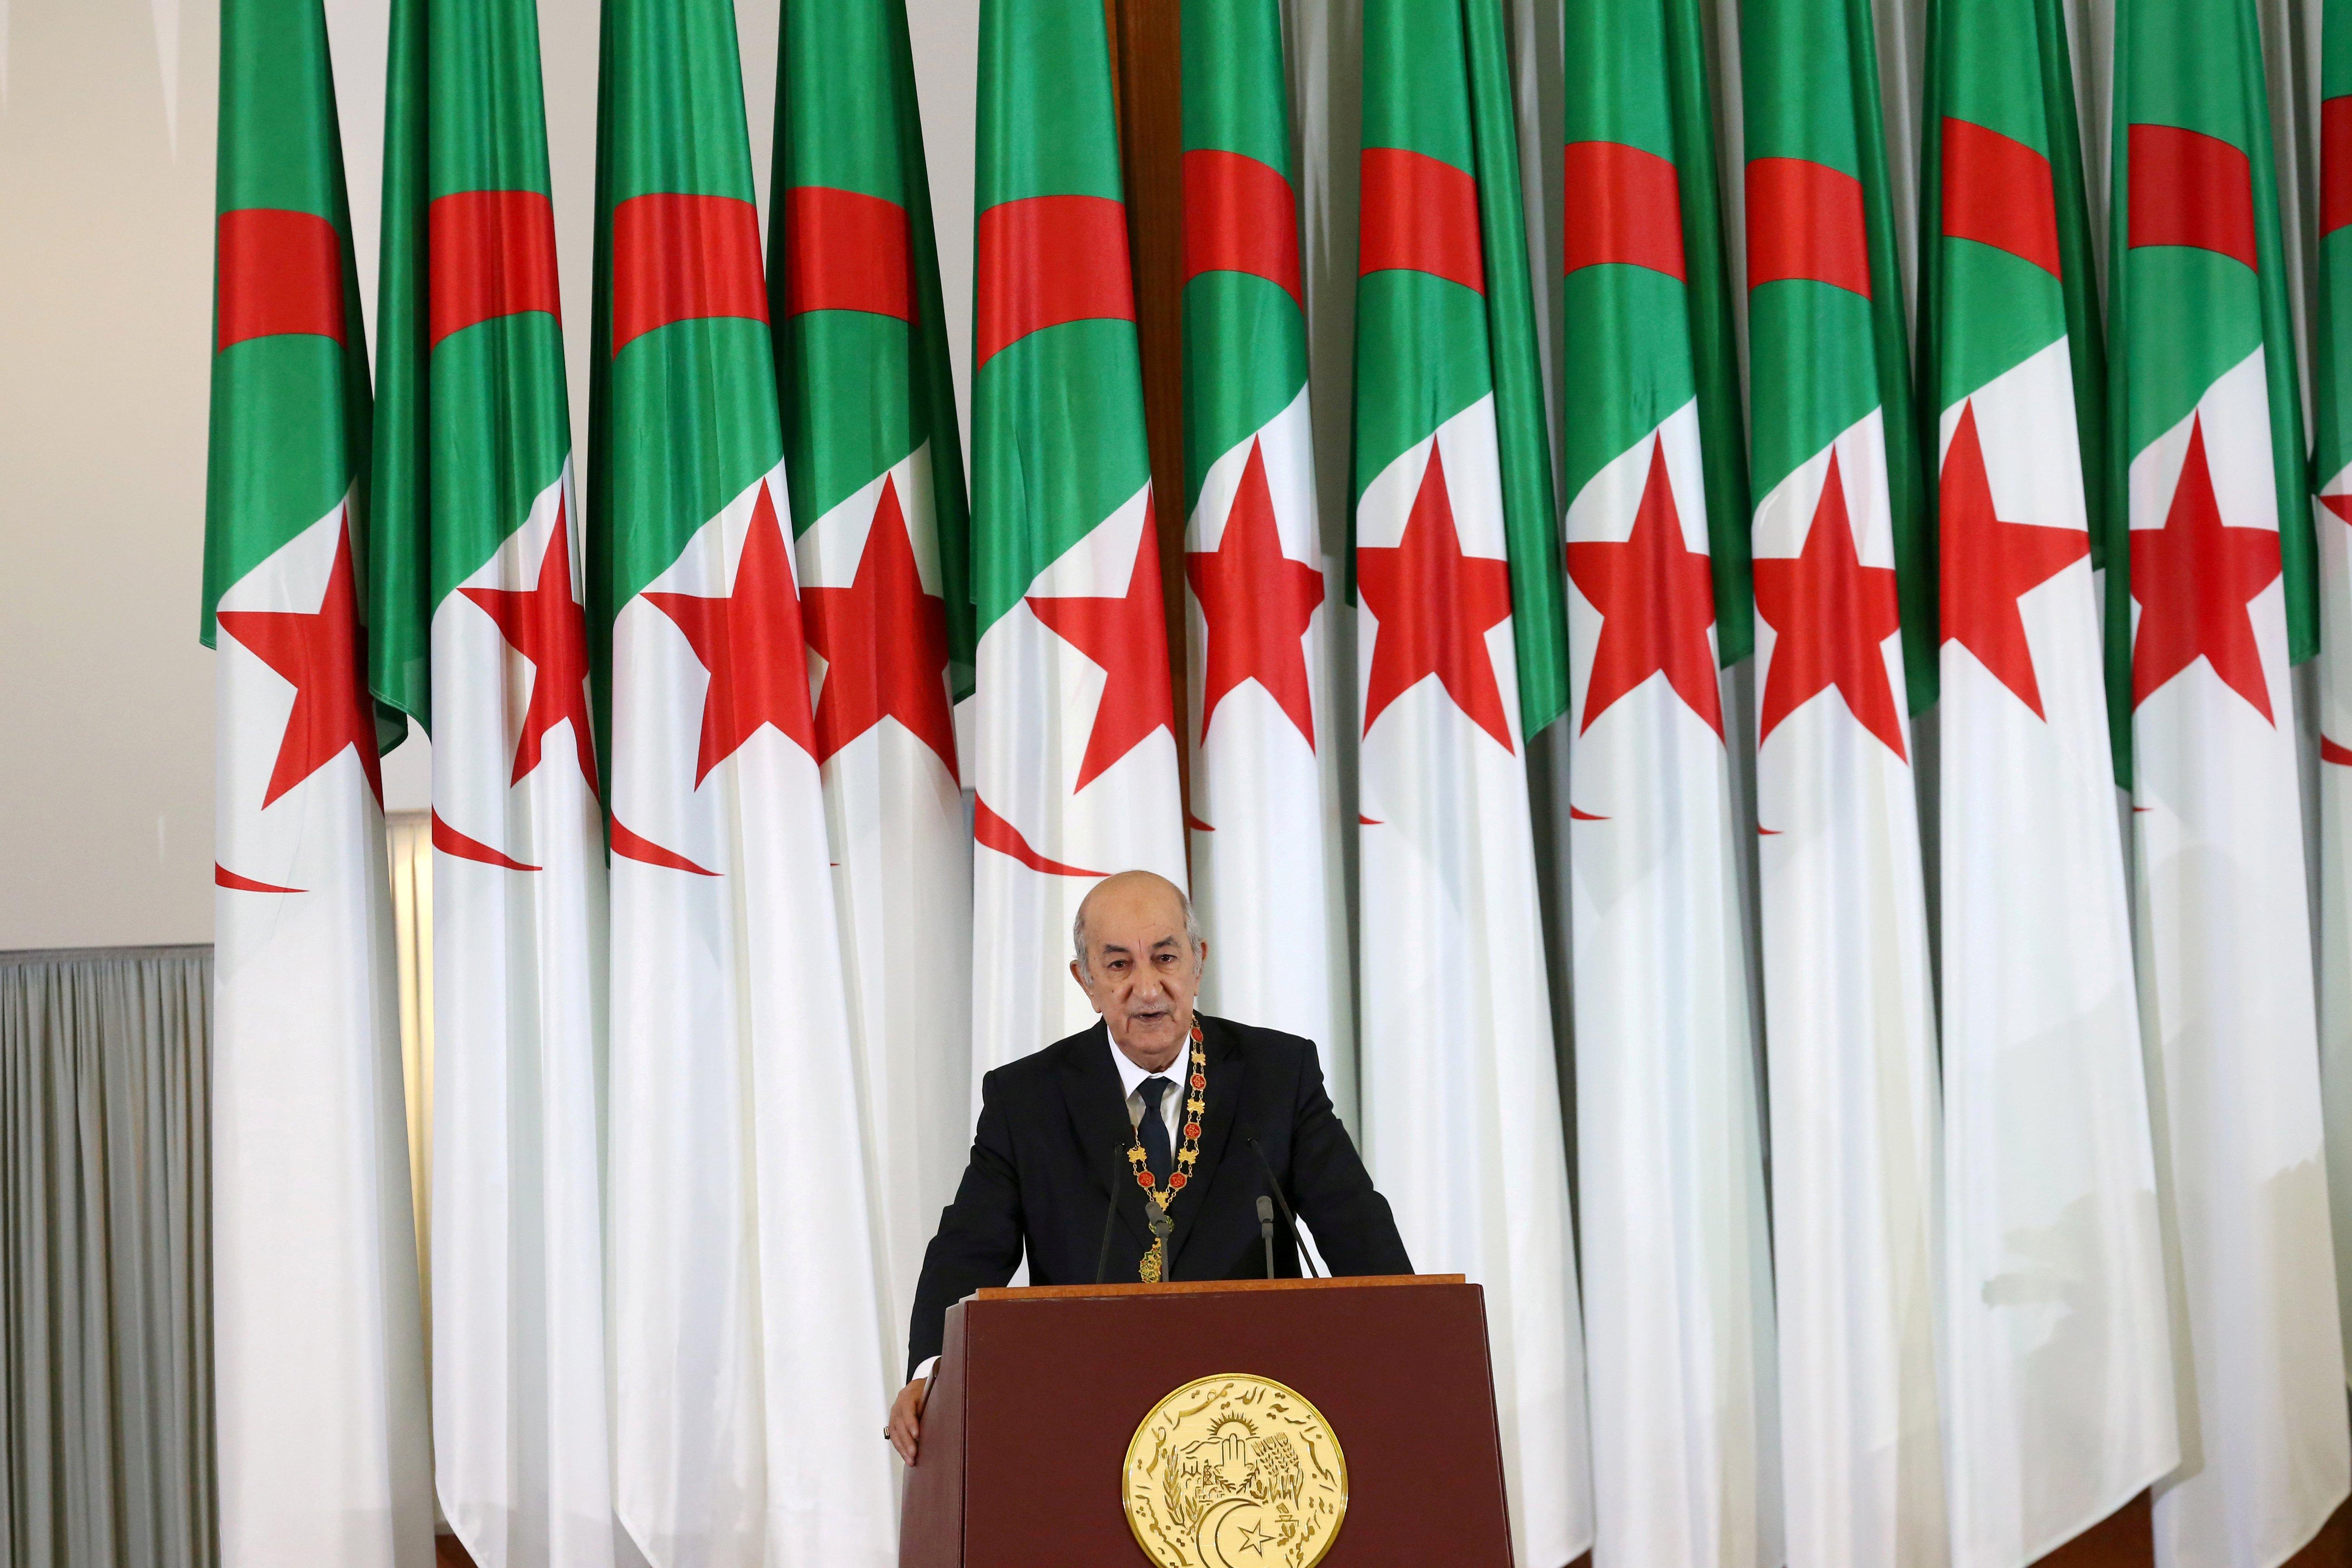 الرئيس الجزائري عبد المجيد تبون